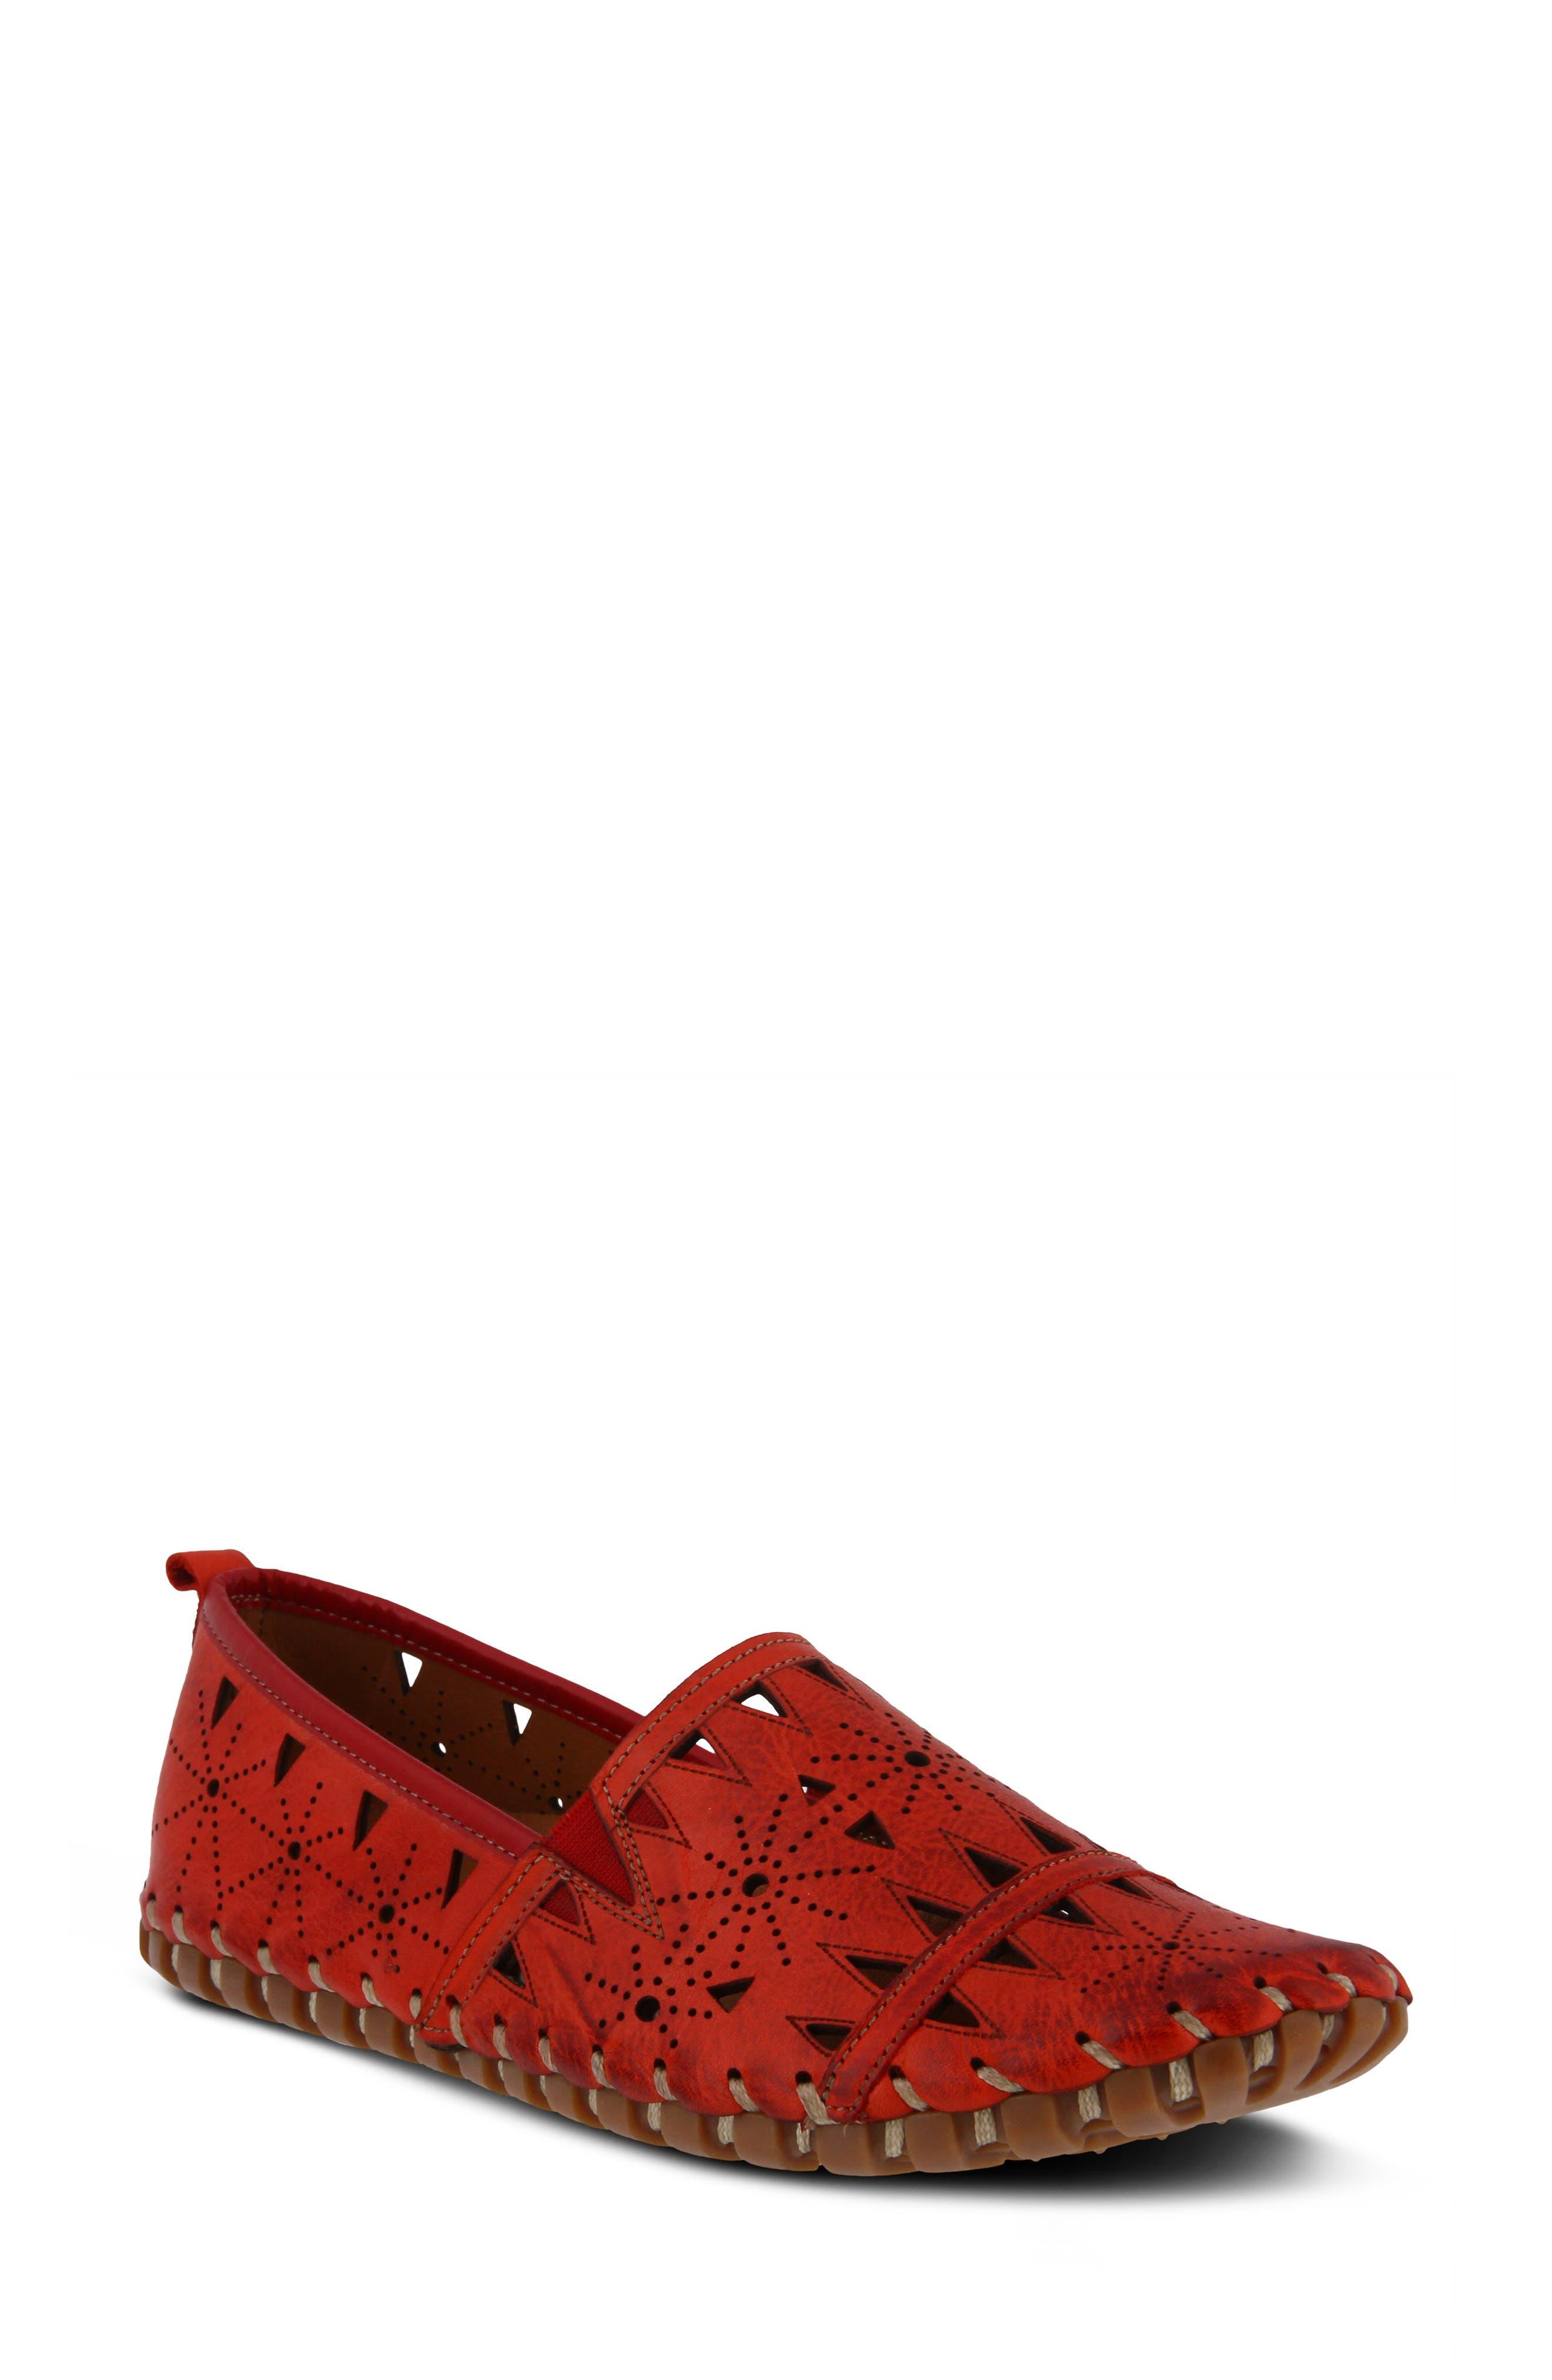 Spring Step Fusaro Flat - Red